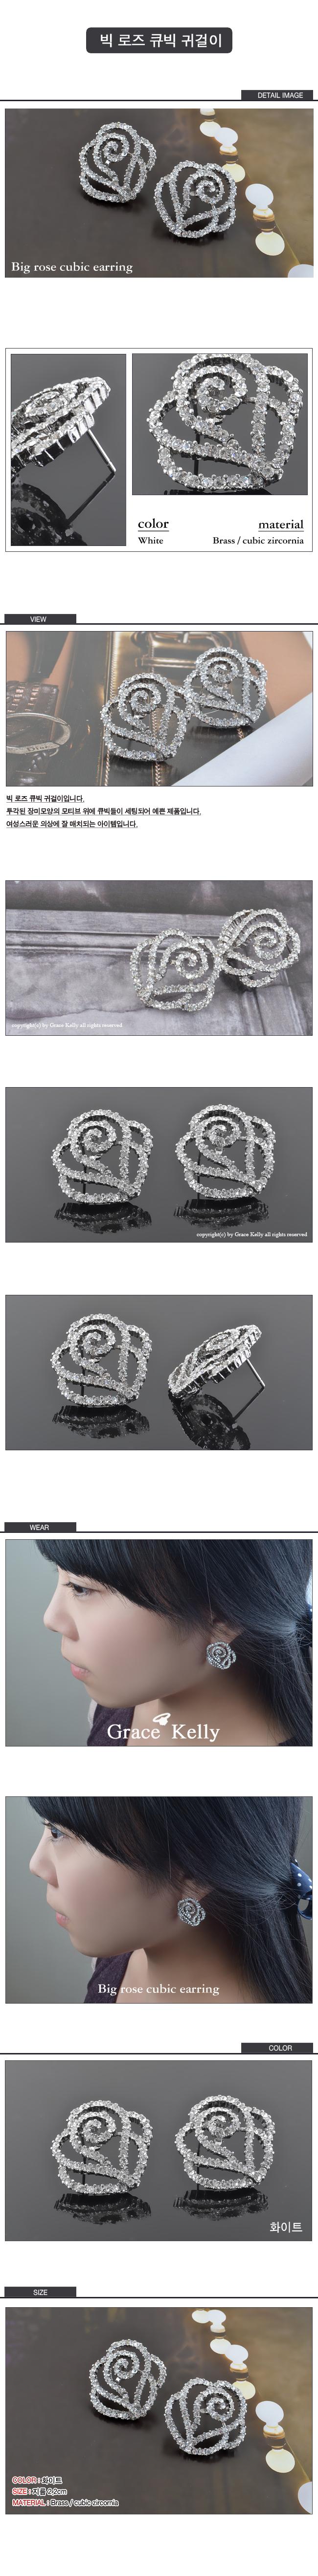 빅 로즈 큐빅 귀걸이 - 그레이스켈리, 24,500원, 주얼리 DIY, 귀걸이